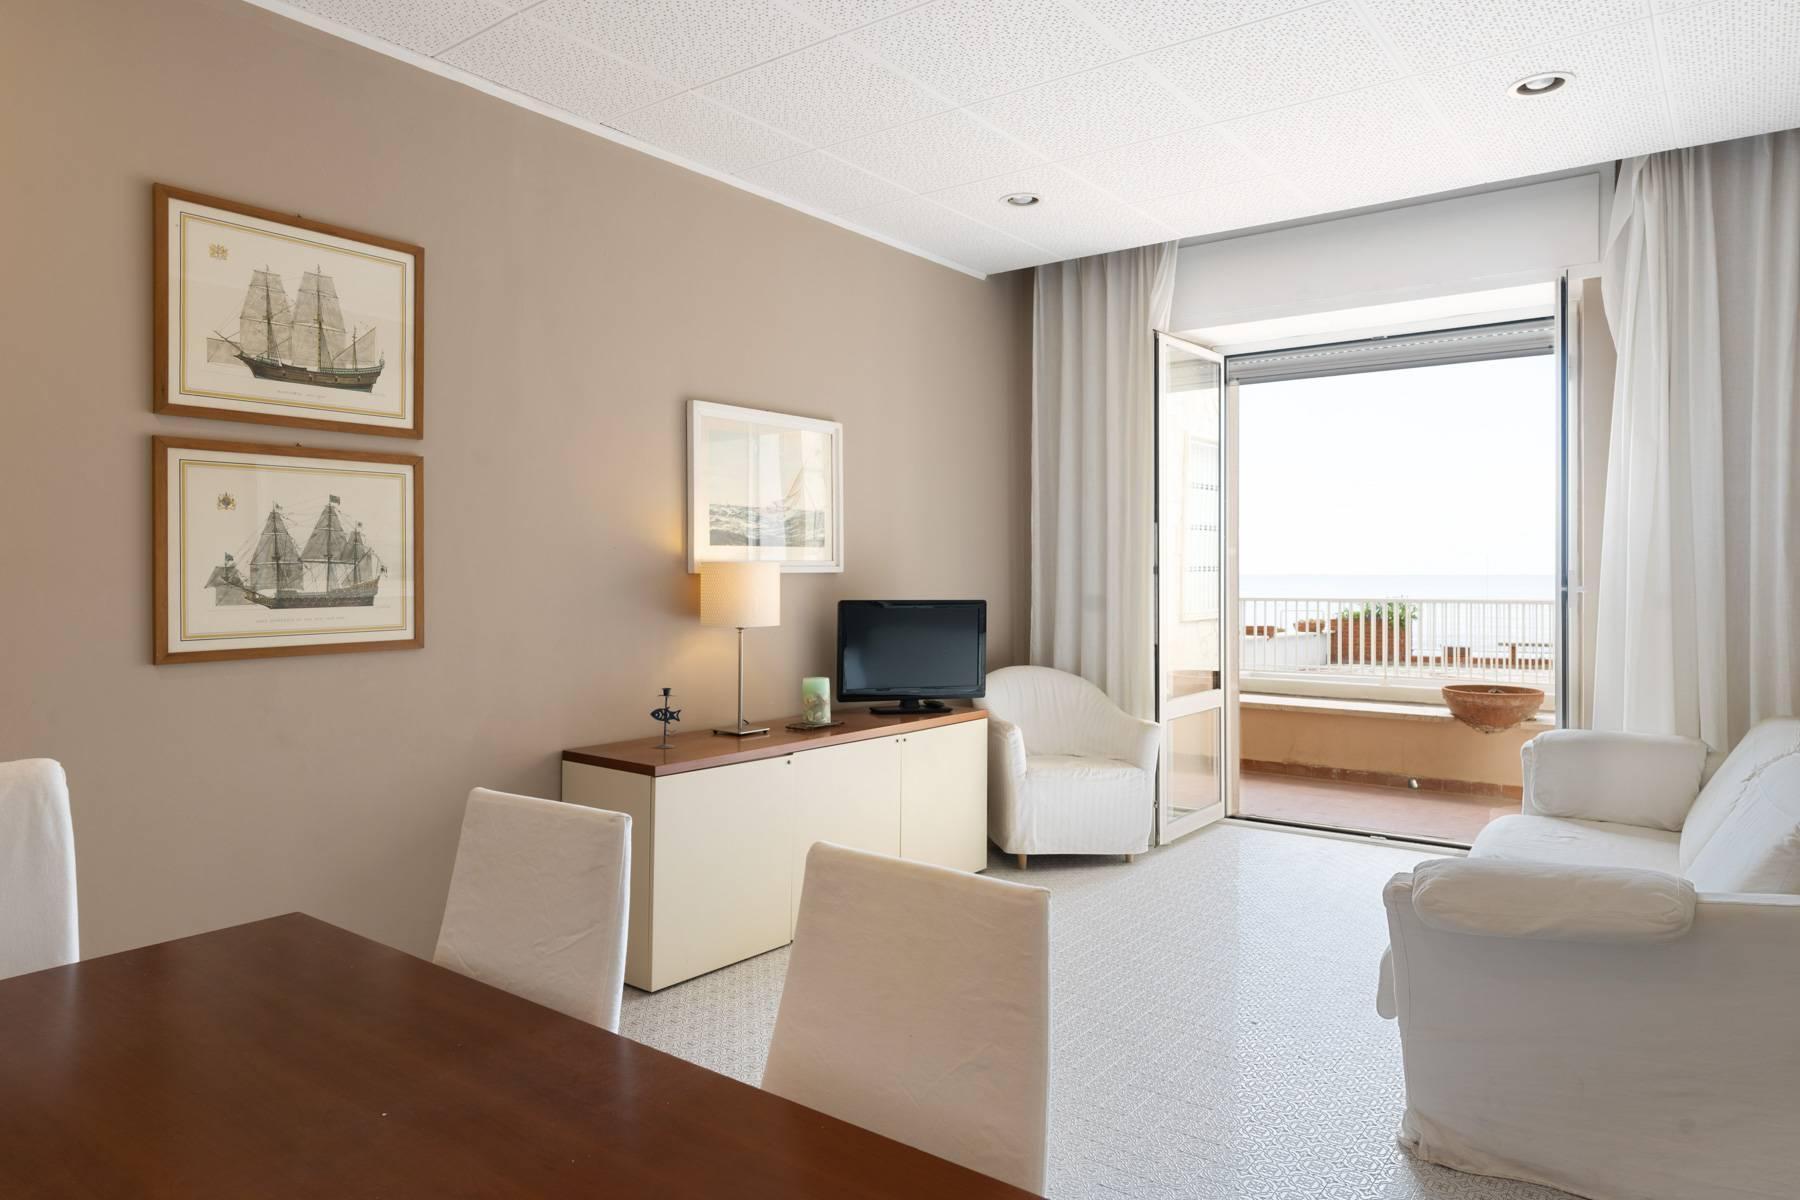 Wohnung am Meer mit wunderscöner Terrasse - 4